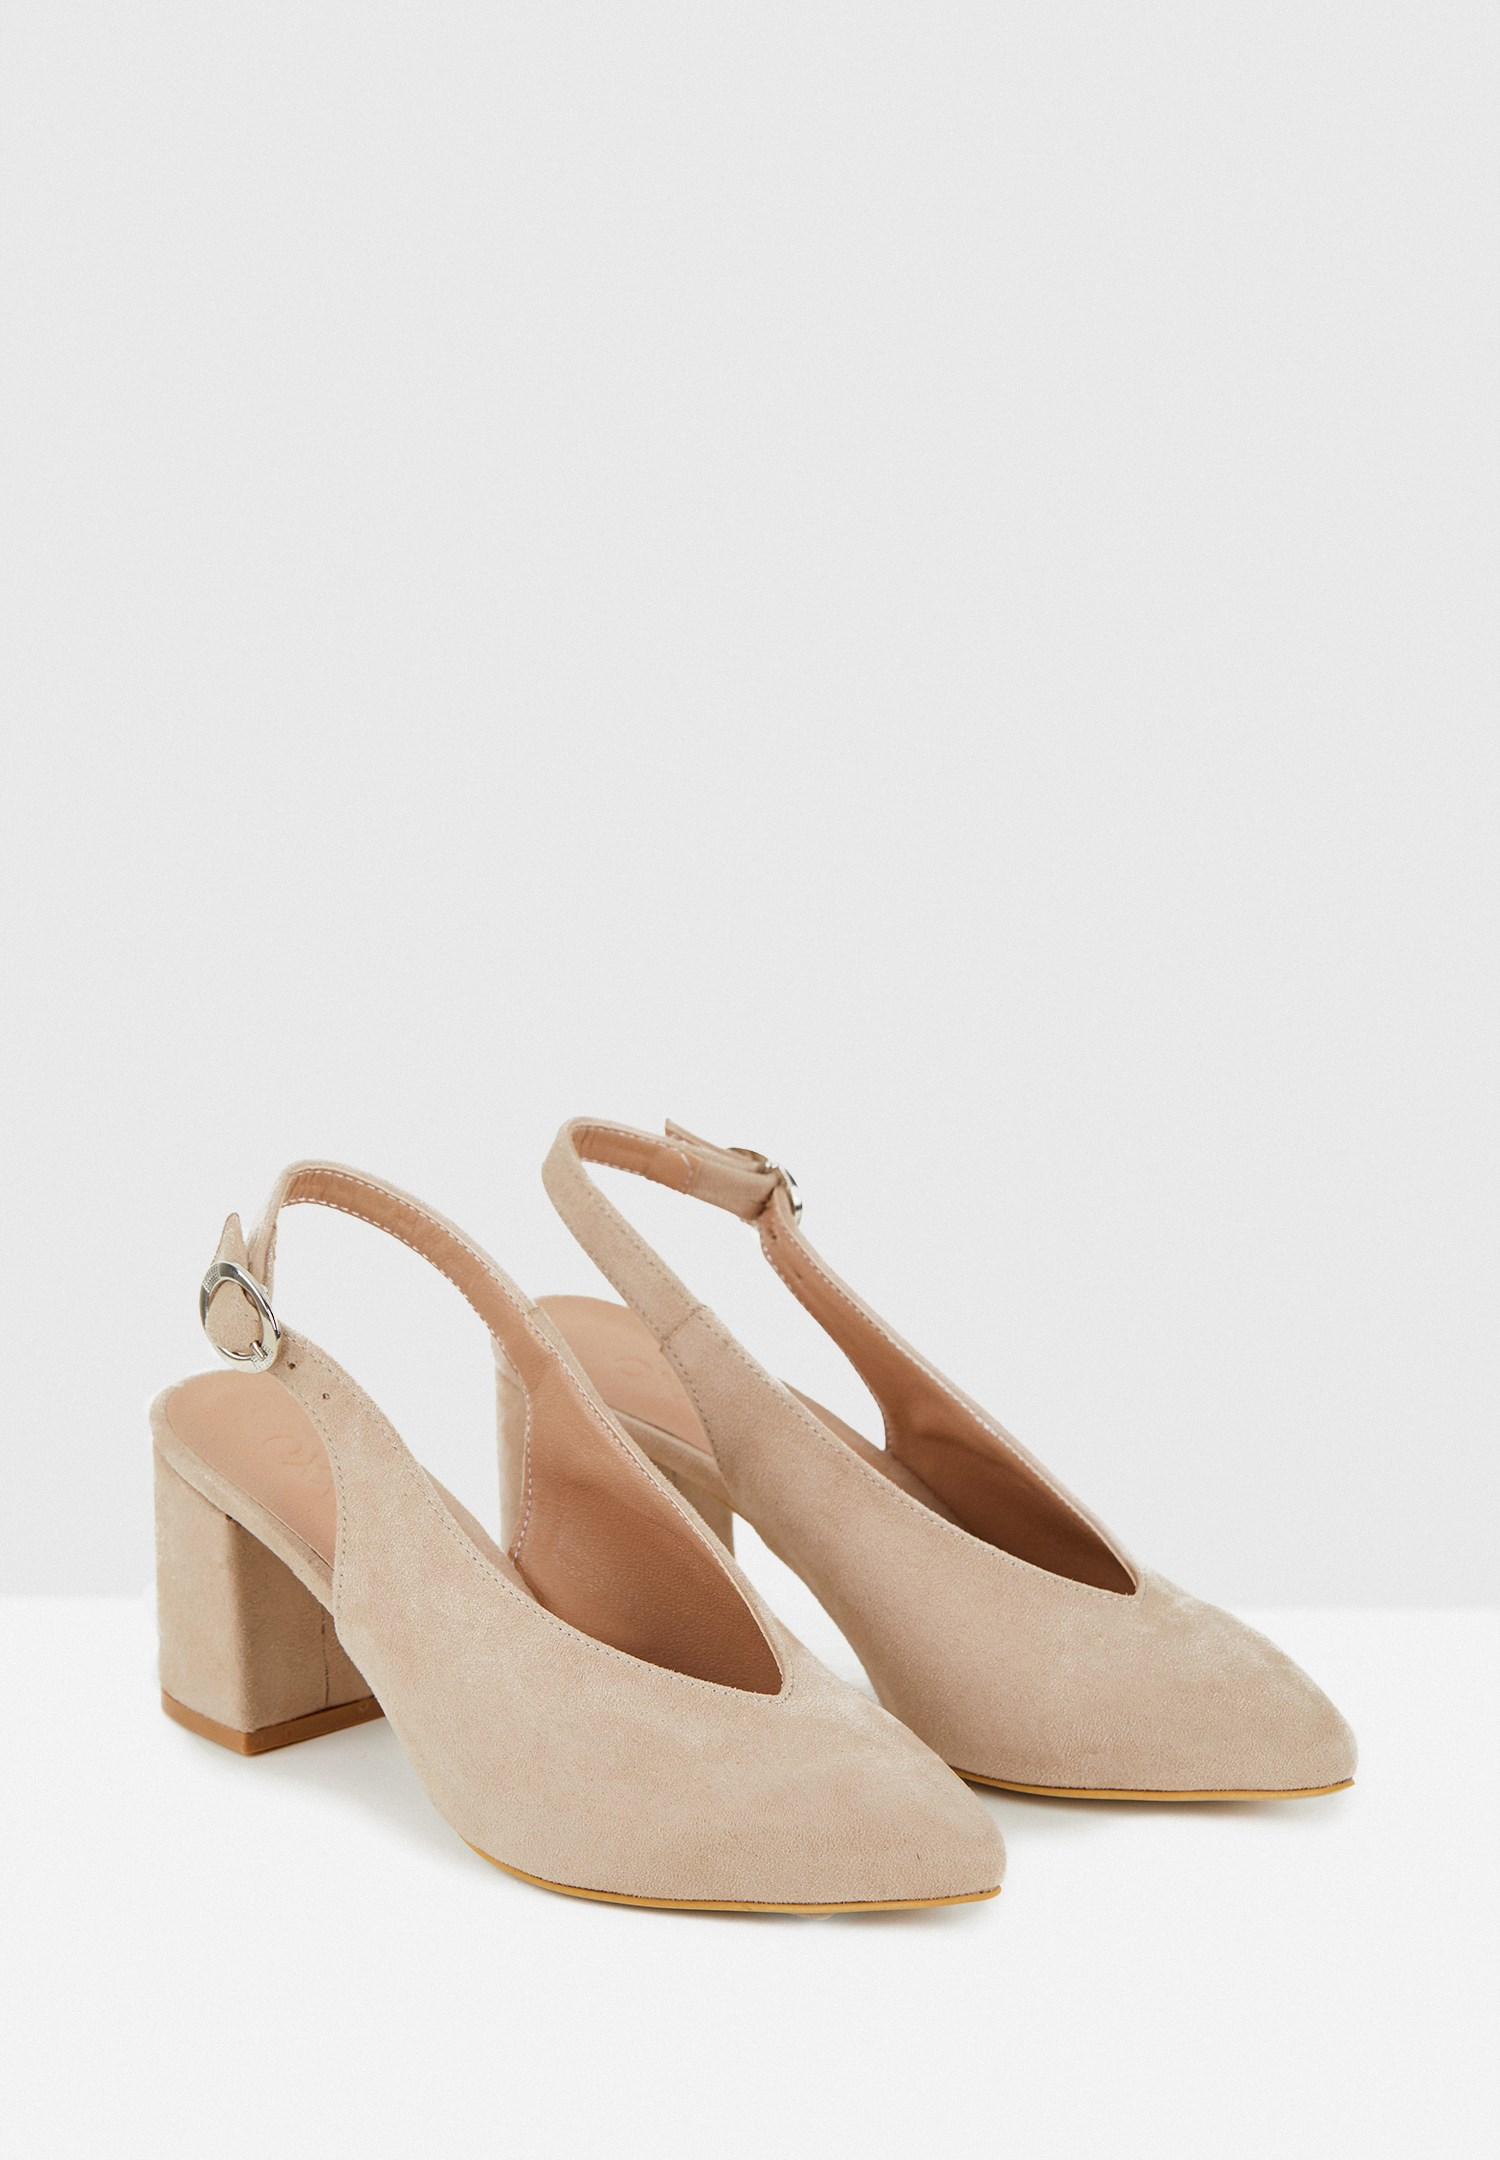 Bayan Gri Kalın Topuklu Sivri Burun Ayakkabı